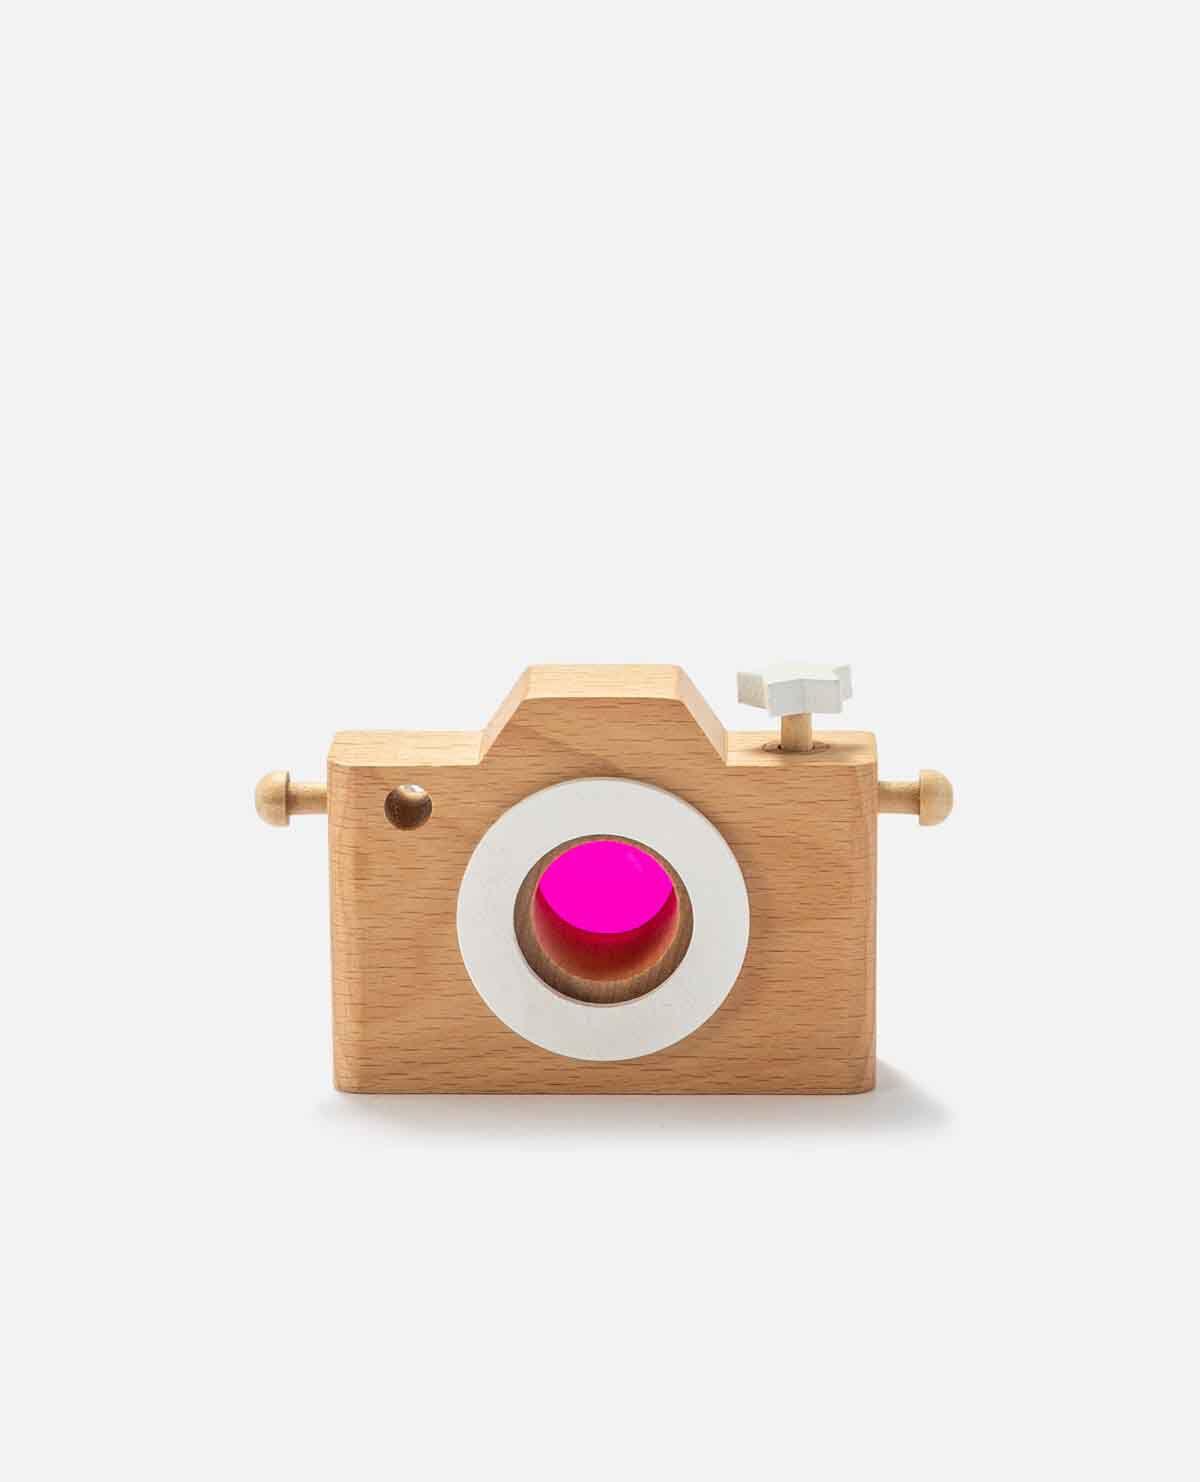 カメラ おもちゃ 玩具 木製 レトロ ピンク